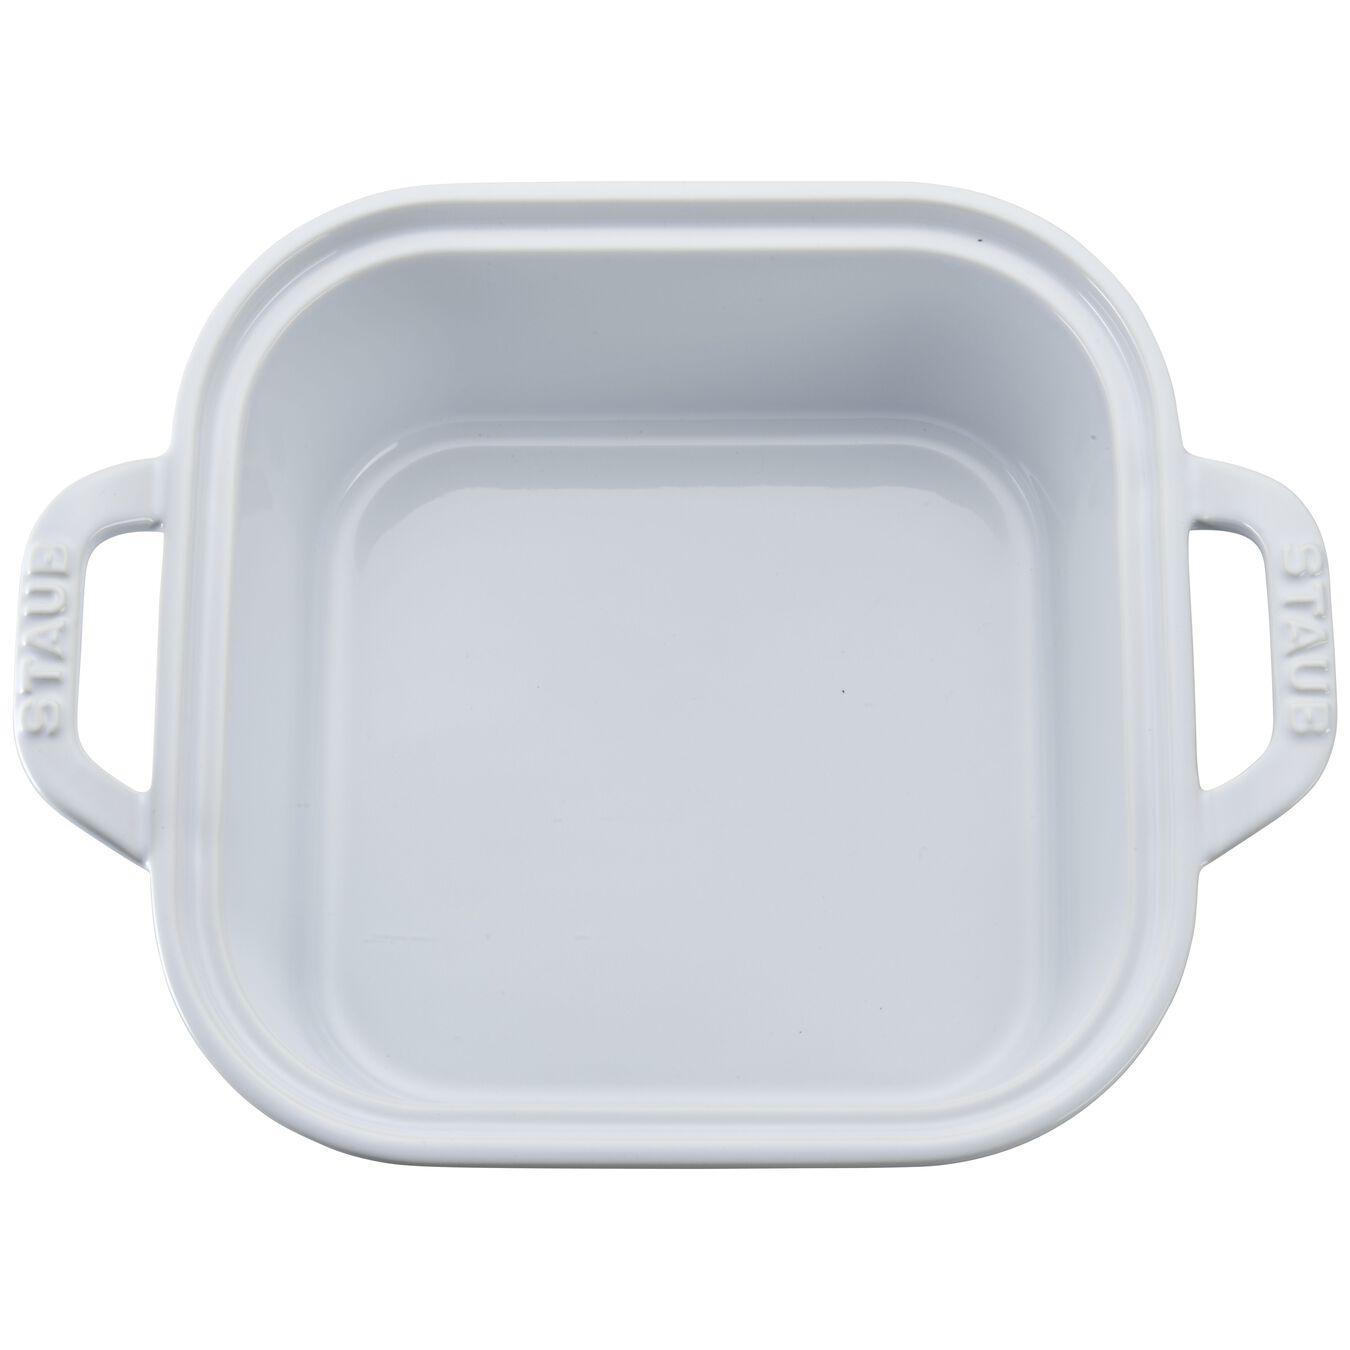 4-pc Baking Dish Set - White,,large 6